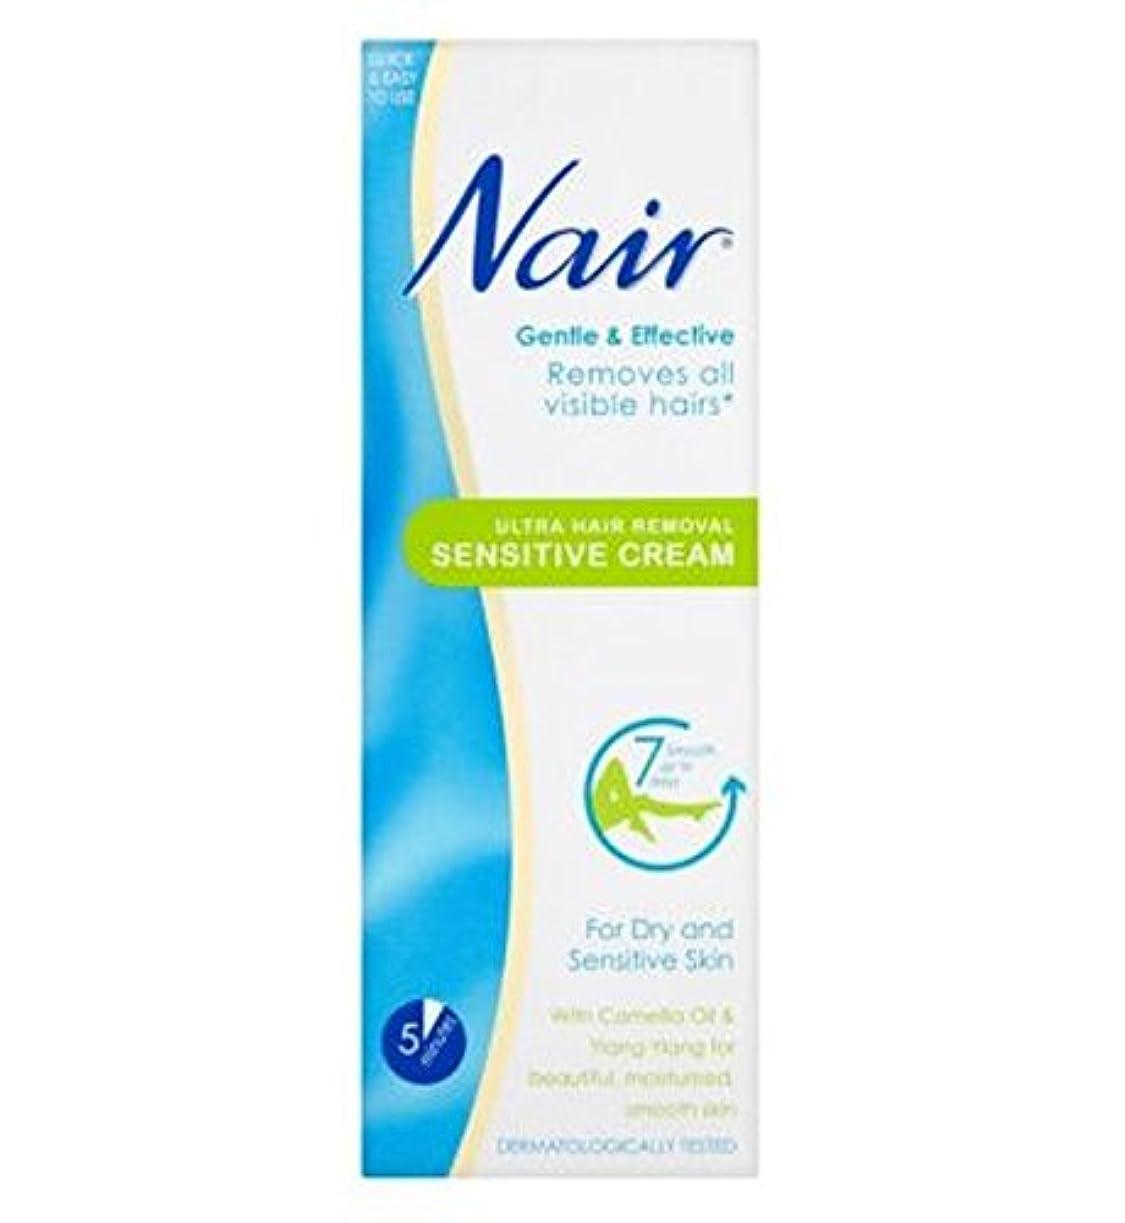 安定した名義で微生物Nair Sensitive Hair Removal Cream 200ml - Nairさん敏感な脱毛クリーム200ミリリットル (Nair) [並行輸入品]